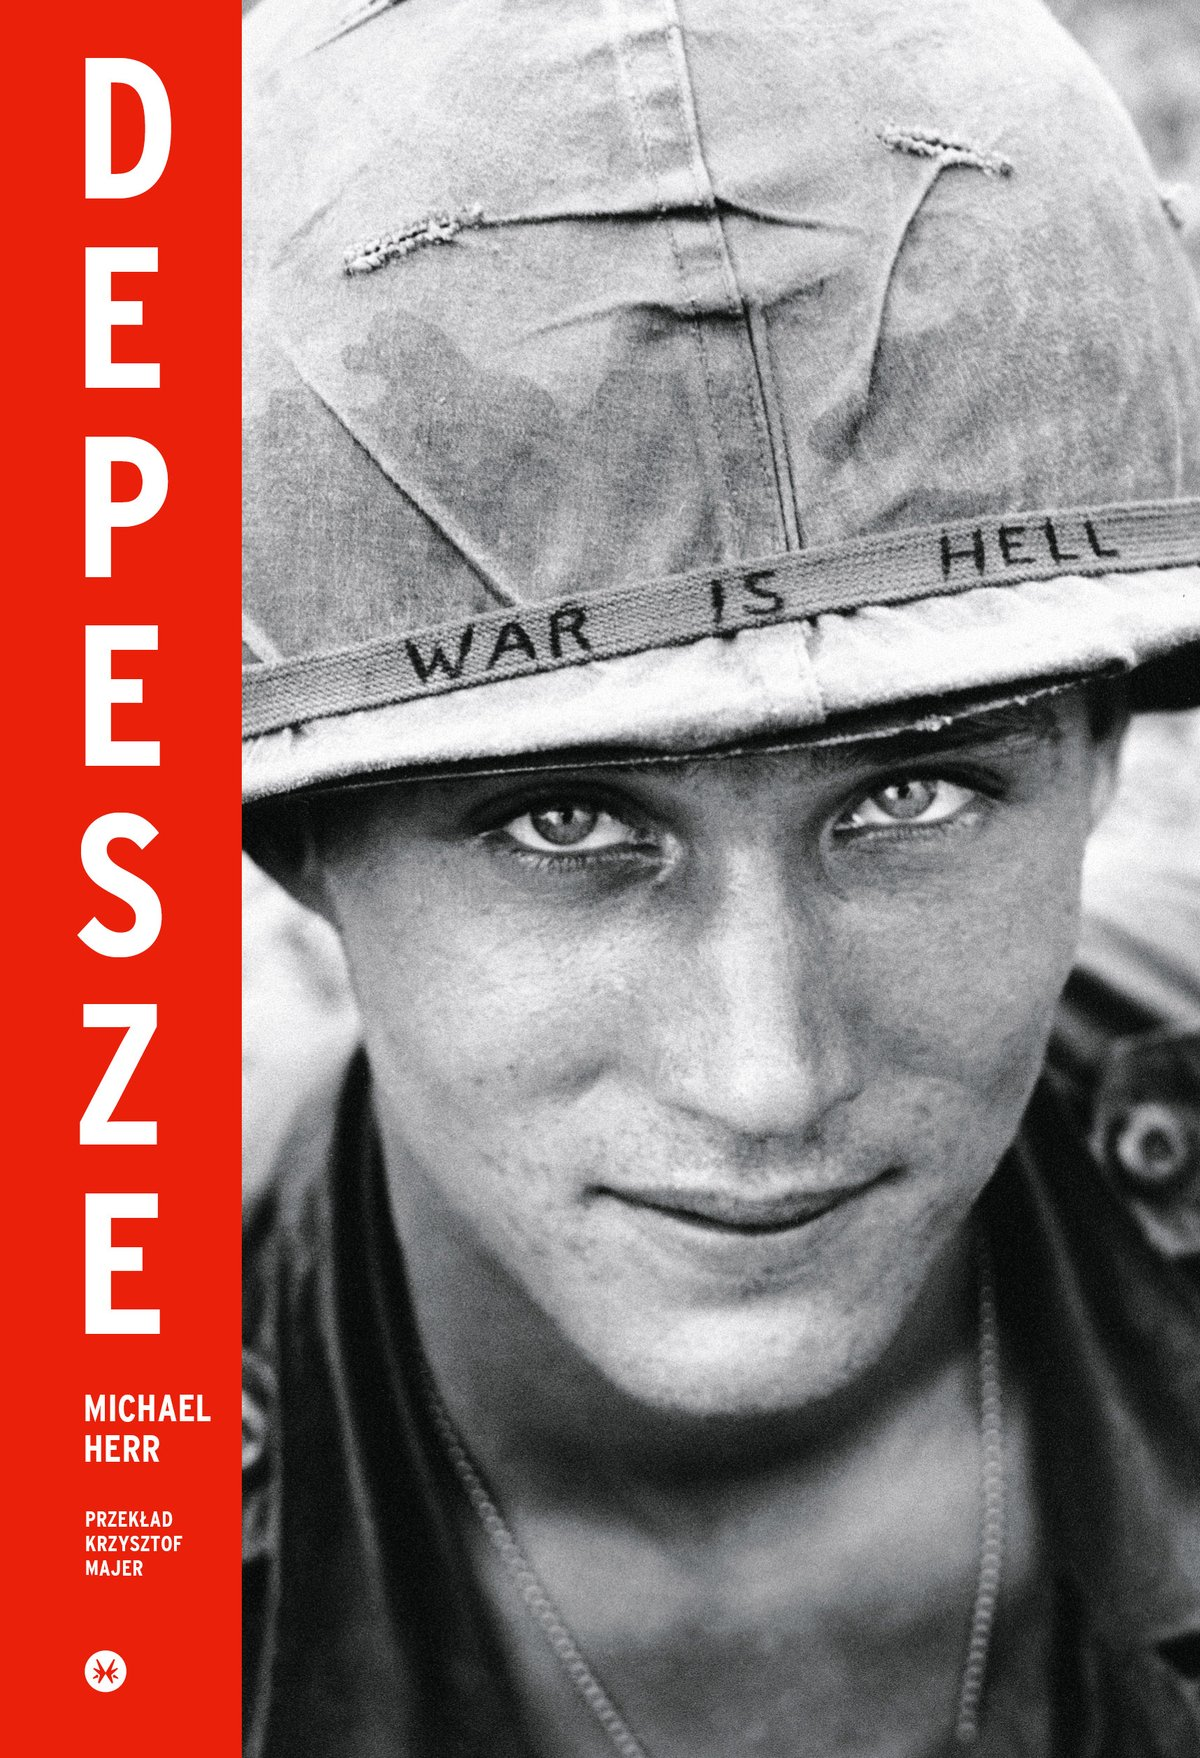 Depesze - Ebook (Książka EPUB) do pobrania w formacie EPUB